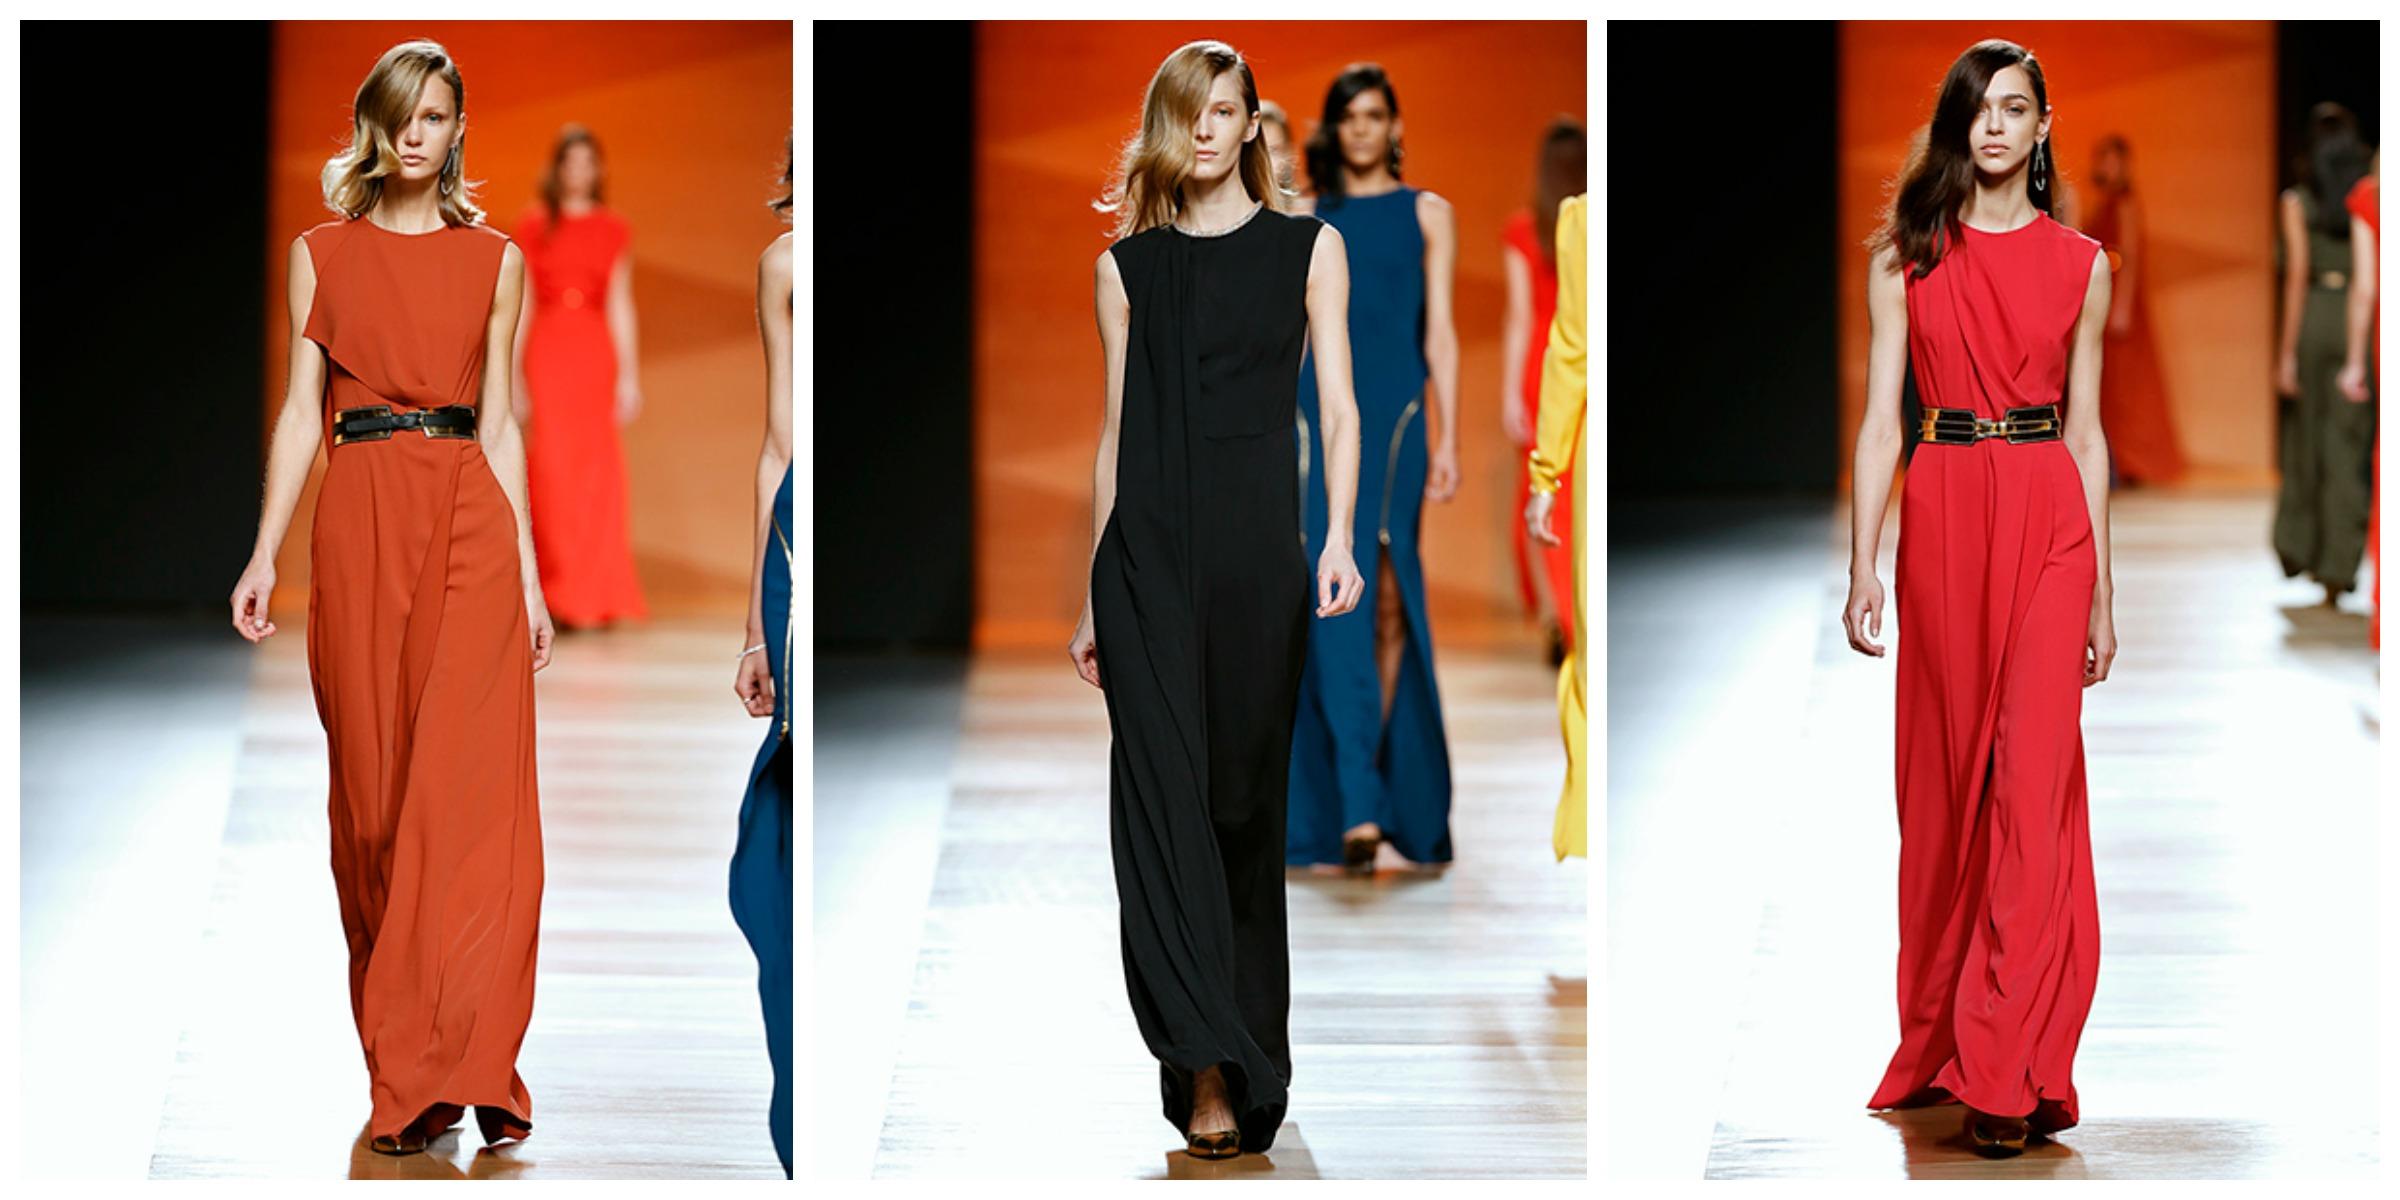 vith consultoria de moda antonio pozuelo diseñador español juanjo oliva mercedes benz fashion week acreditaciones tendencias invierno 2014 2015 style outfit elogy el corte ingles (4)